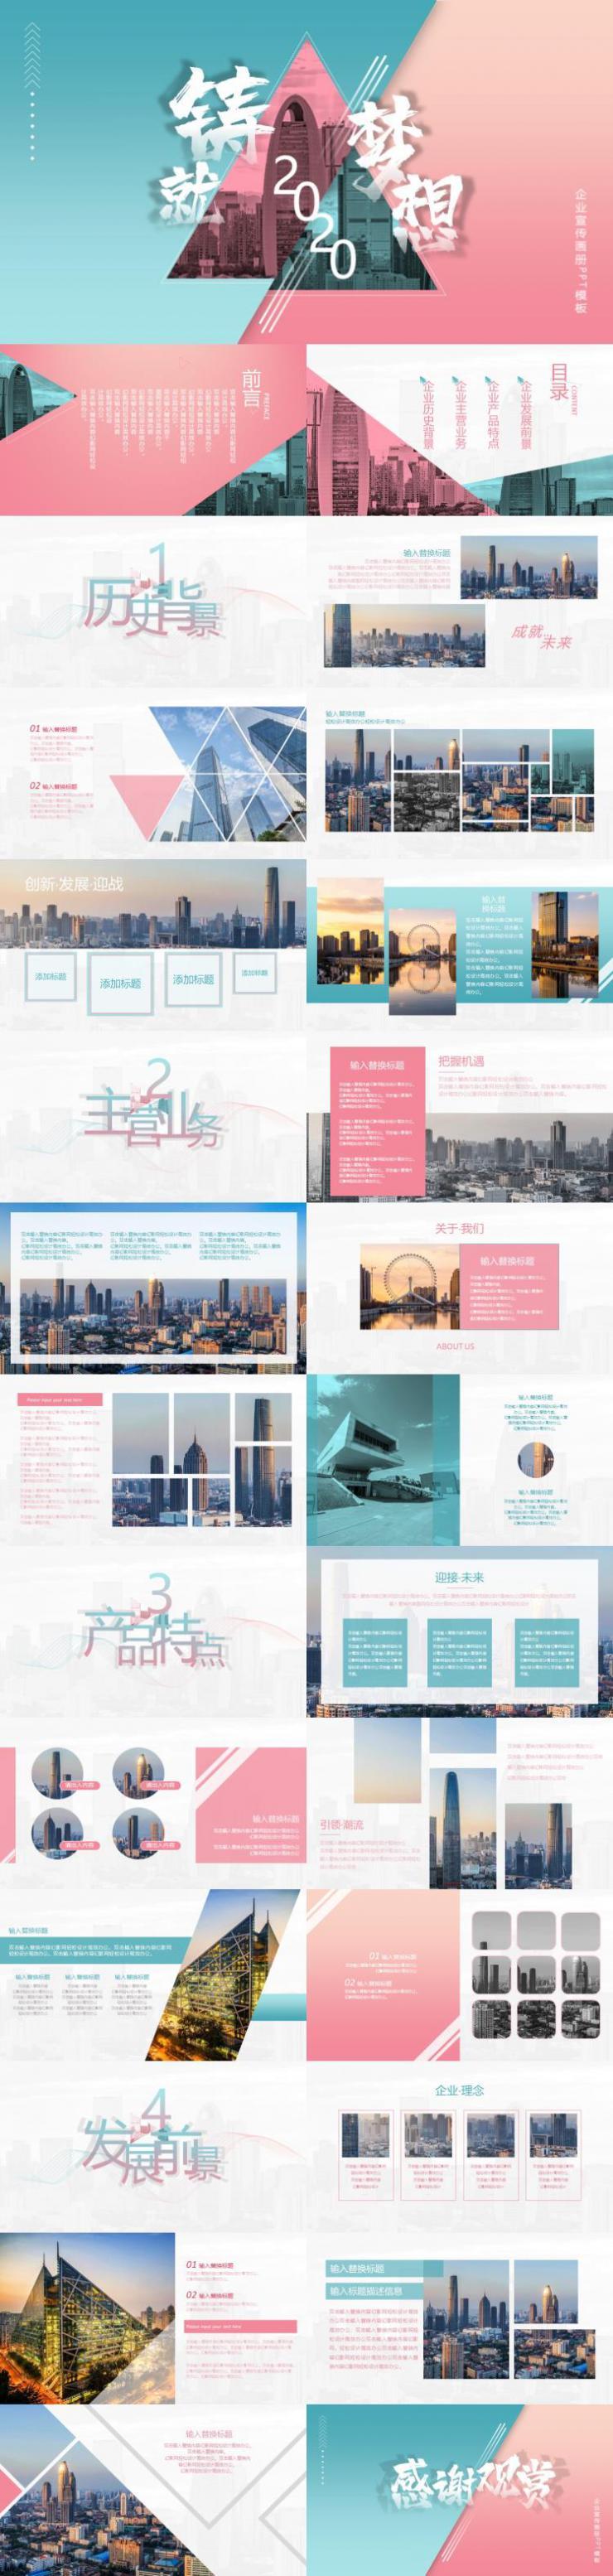 几何商务风企业宣传画册PPT模板